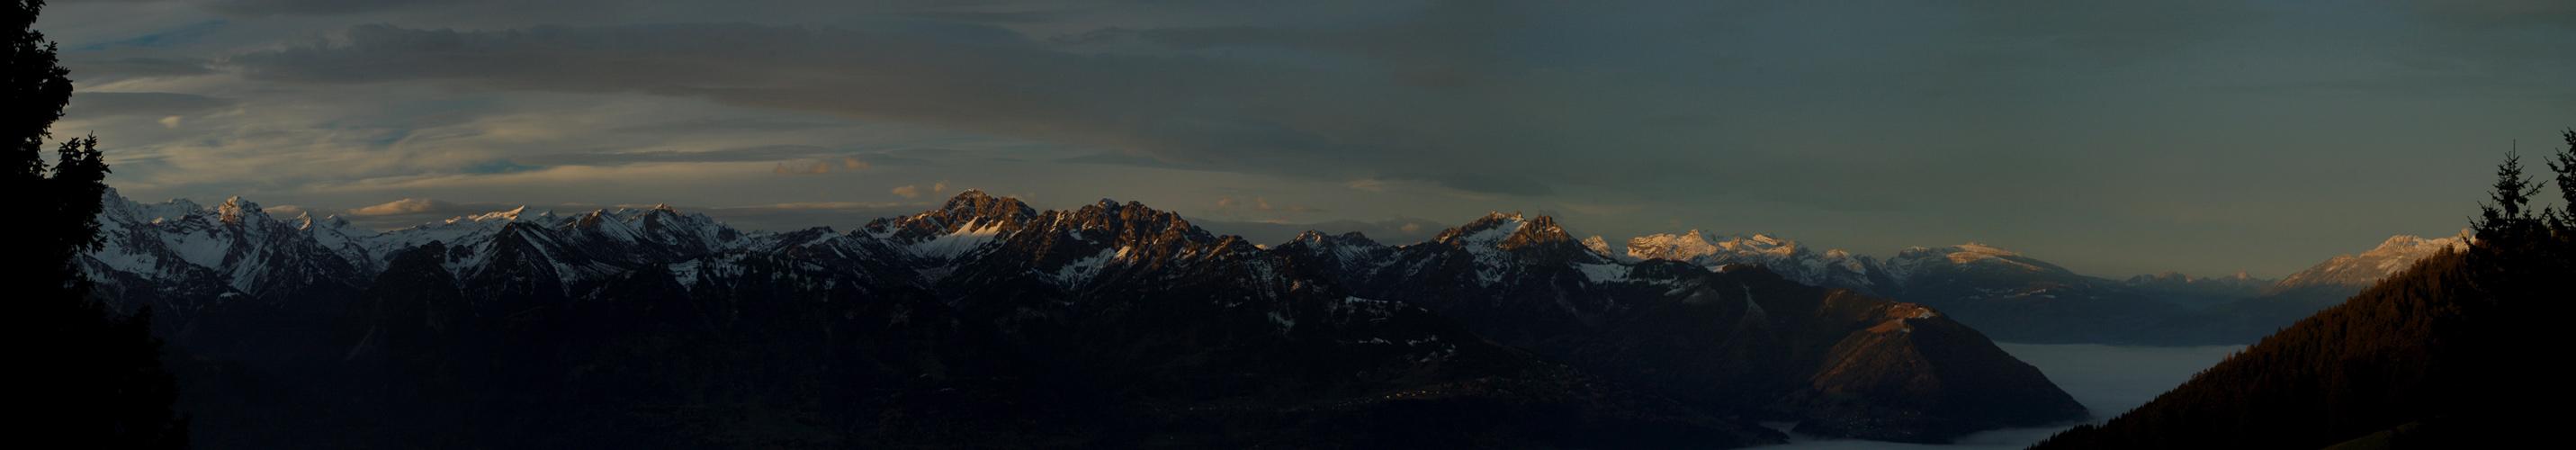 Morgenstimmung in Vorarlberg